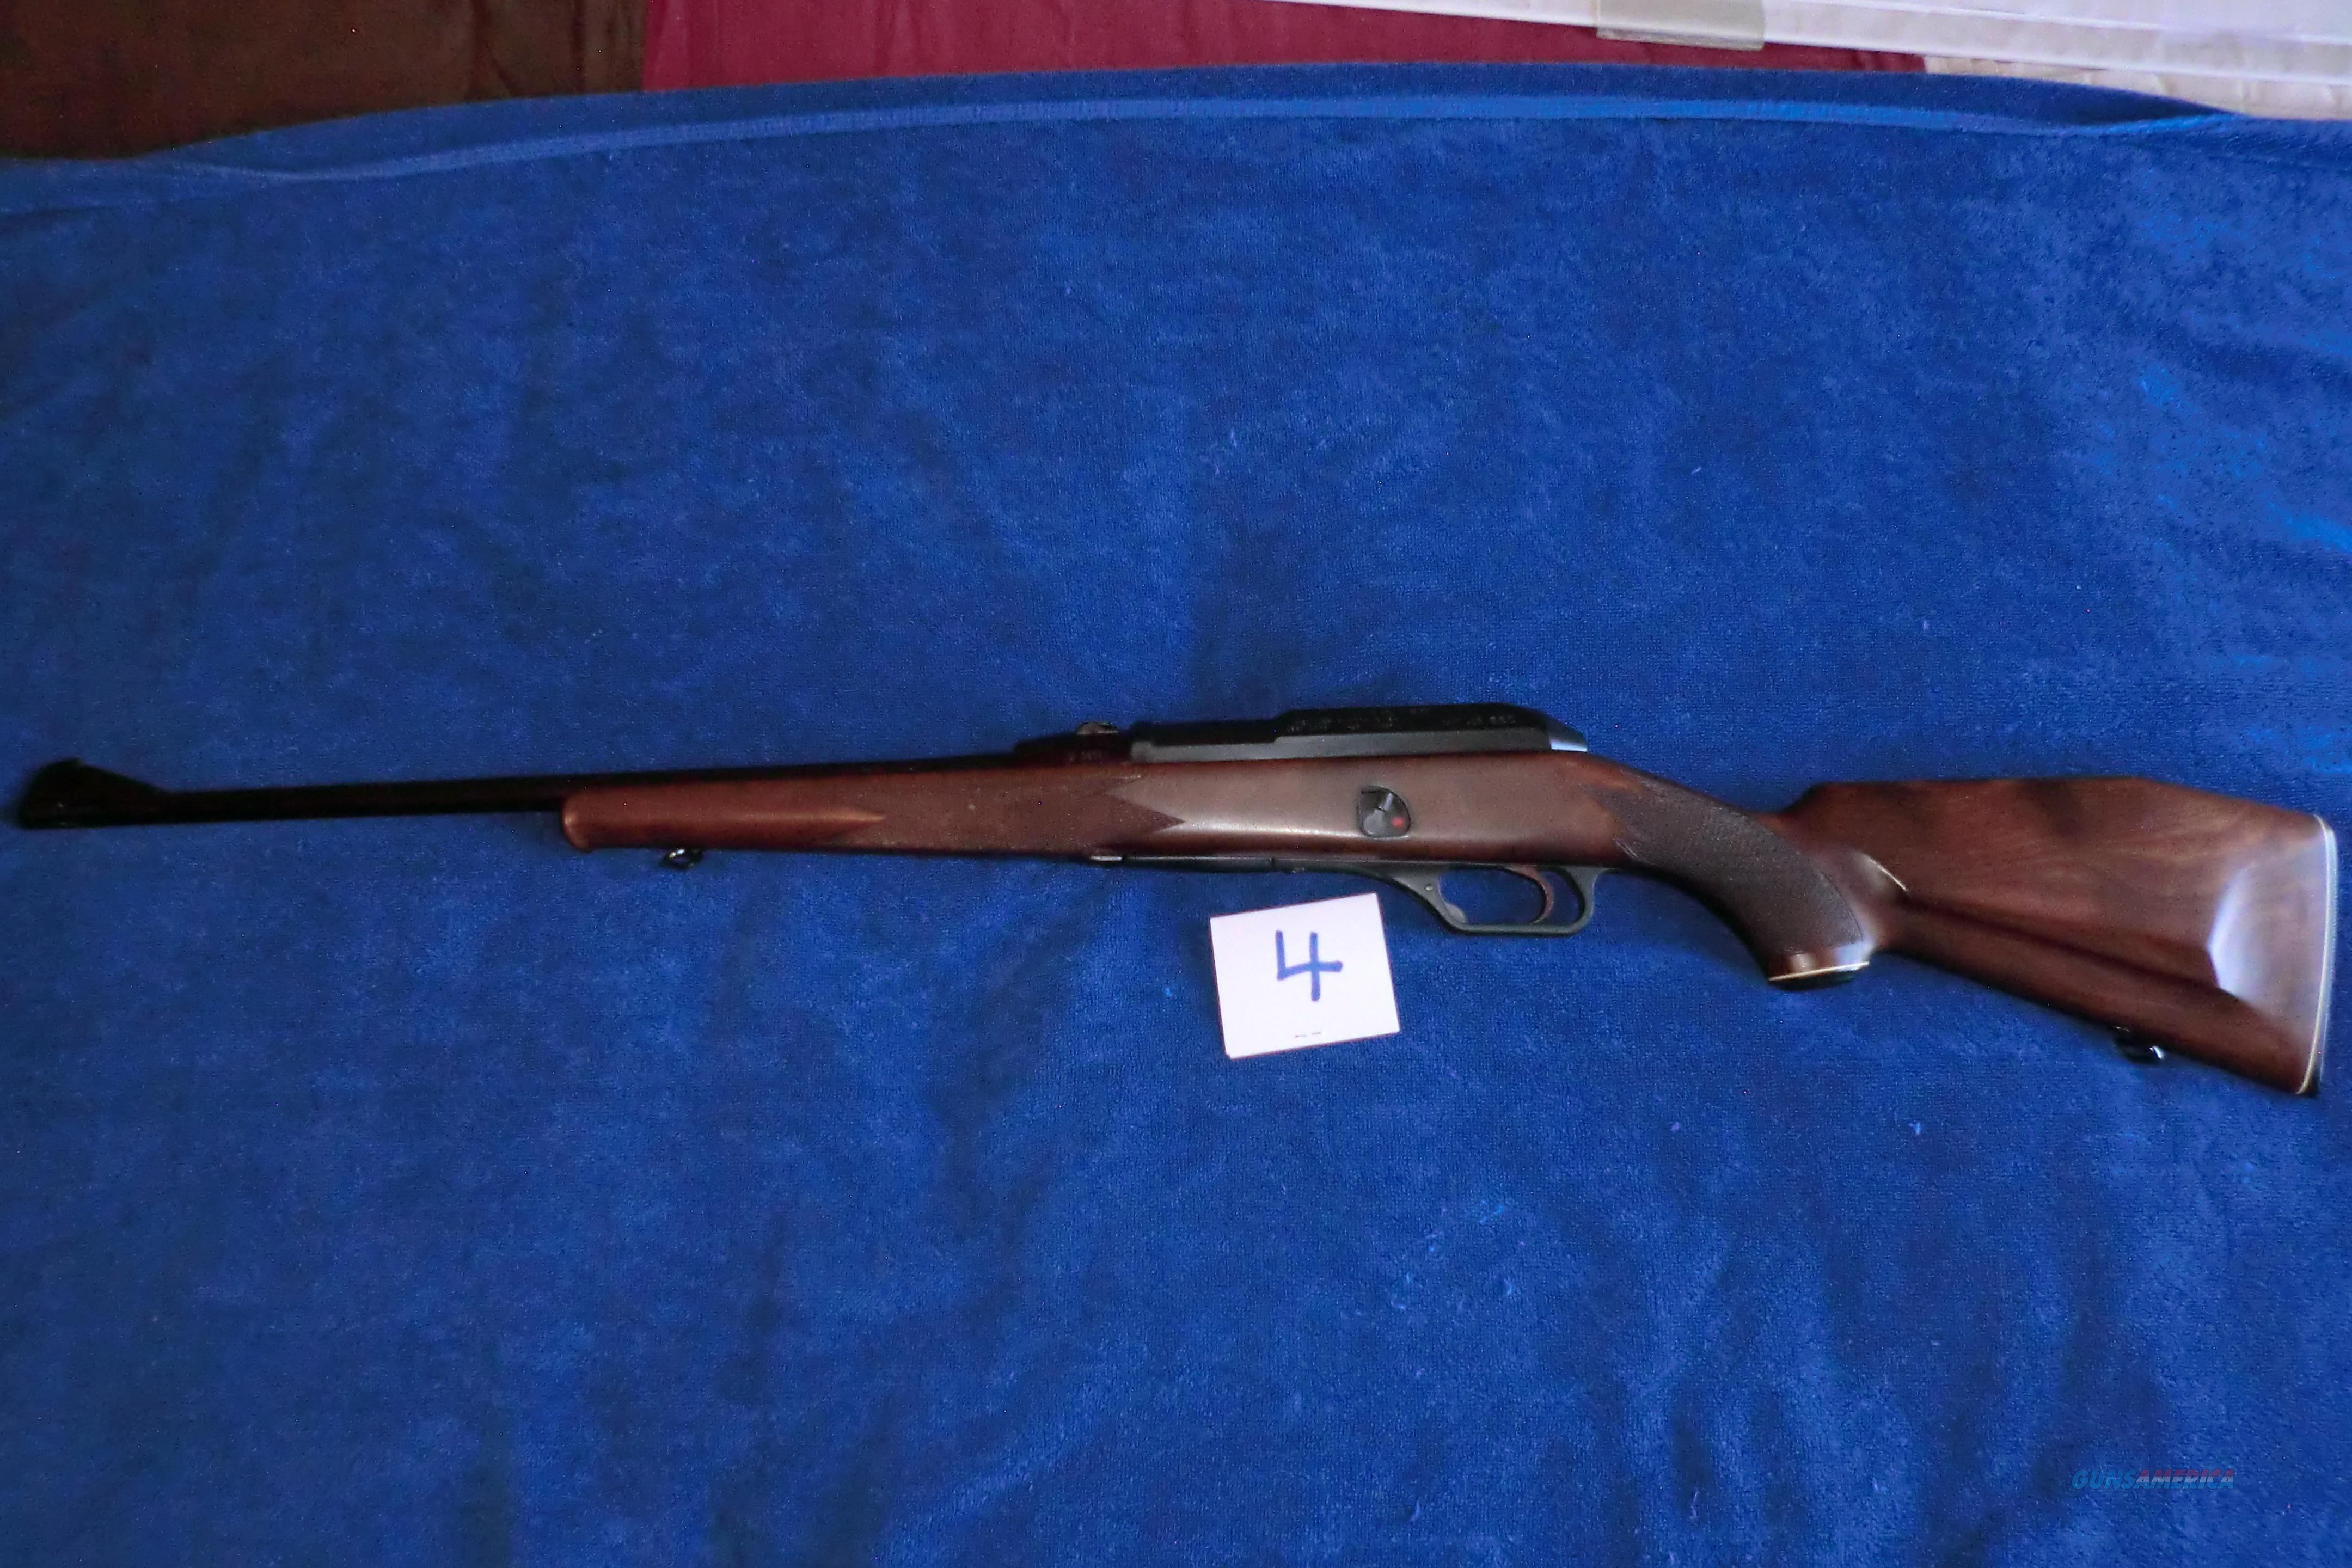 Heckler & Koch  Rifles   Guns > Rifles > Heckler & Koch Rifles > Sporting/Hunting